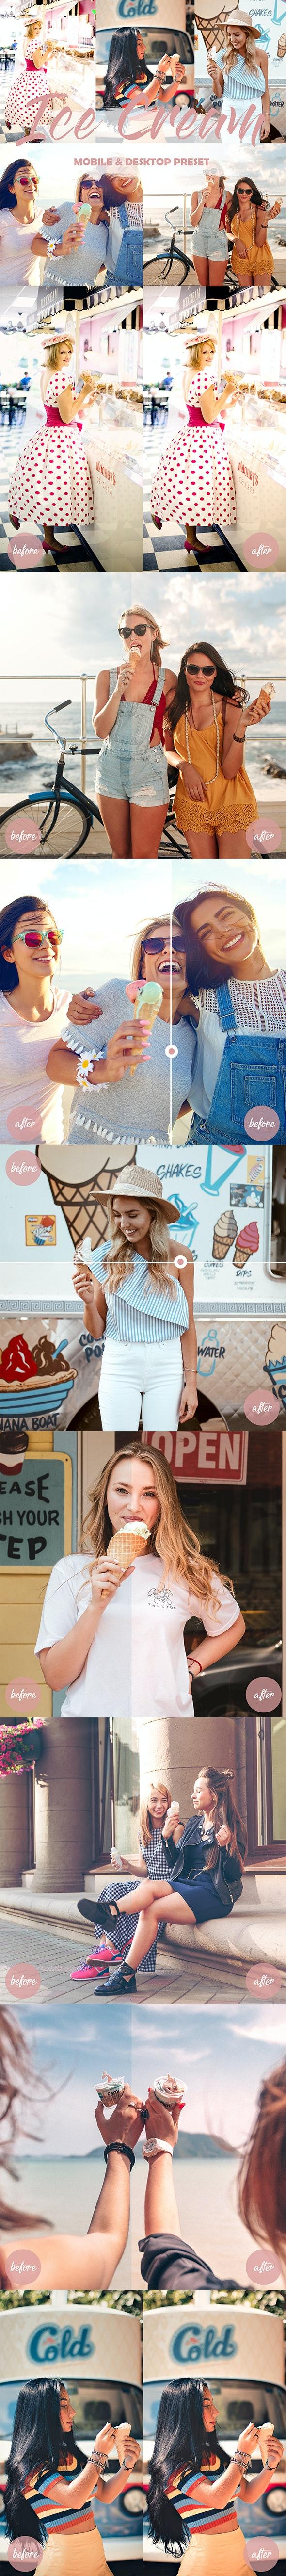 Lightroom Mobile and Desktop Presets Ice Cream - Lightroom Presets Add-ons